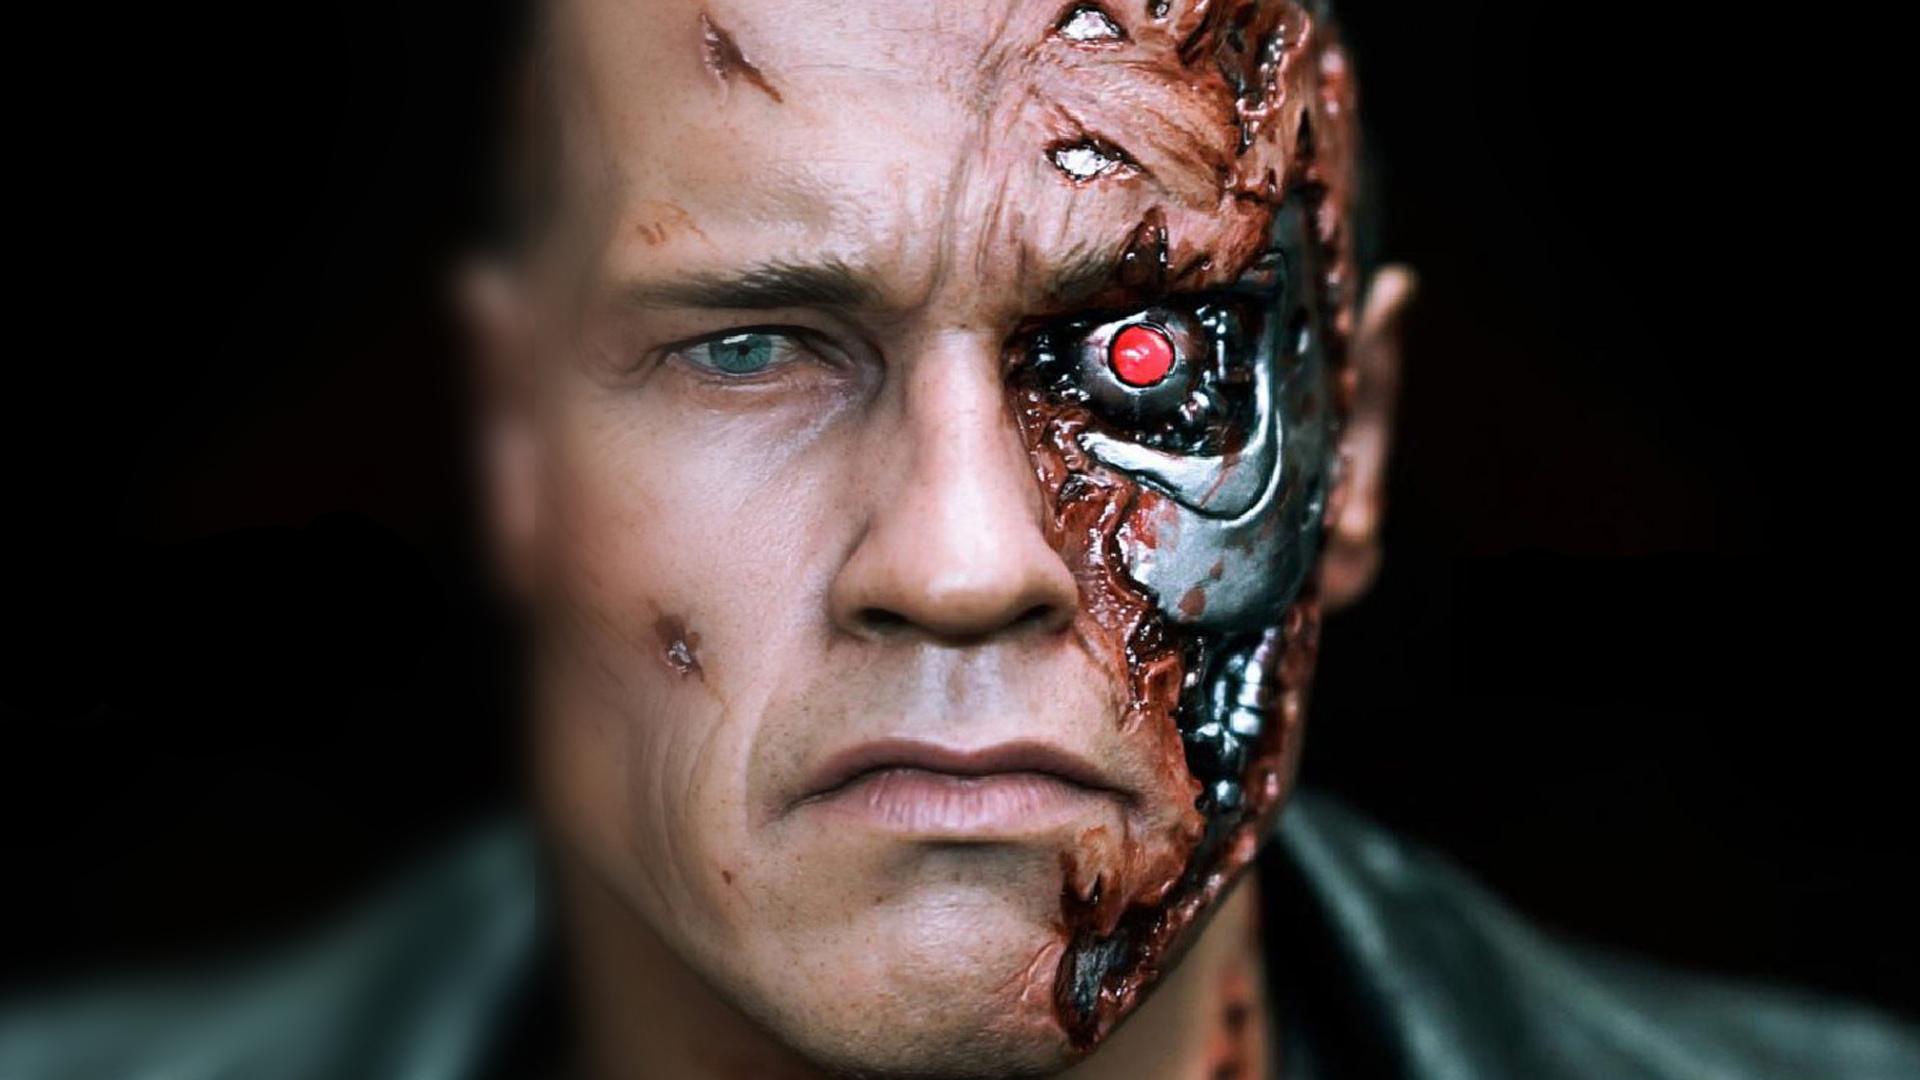 Россия не хочет запрещать «роботов-убийц» с искусственным интеллектом